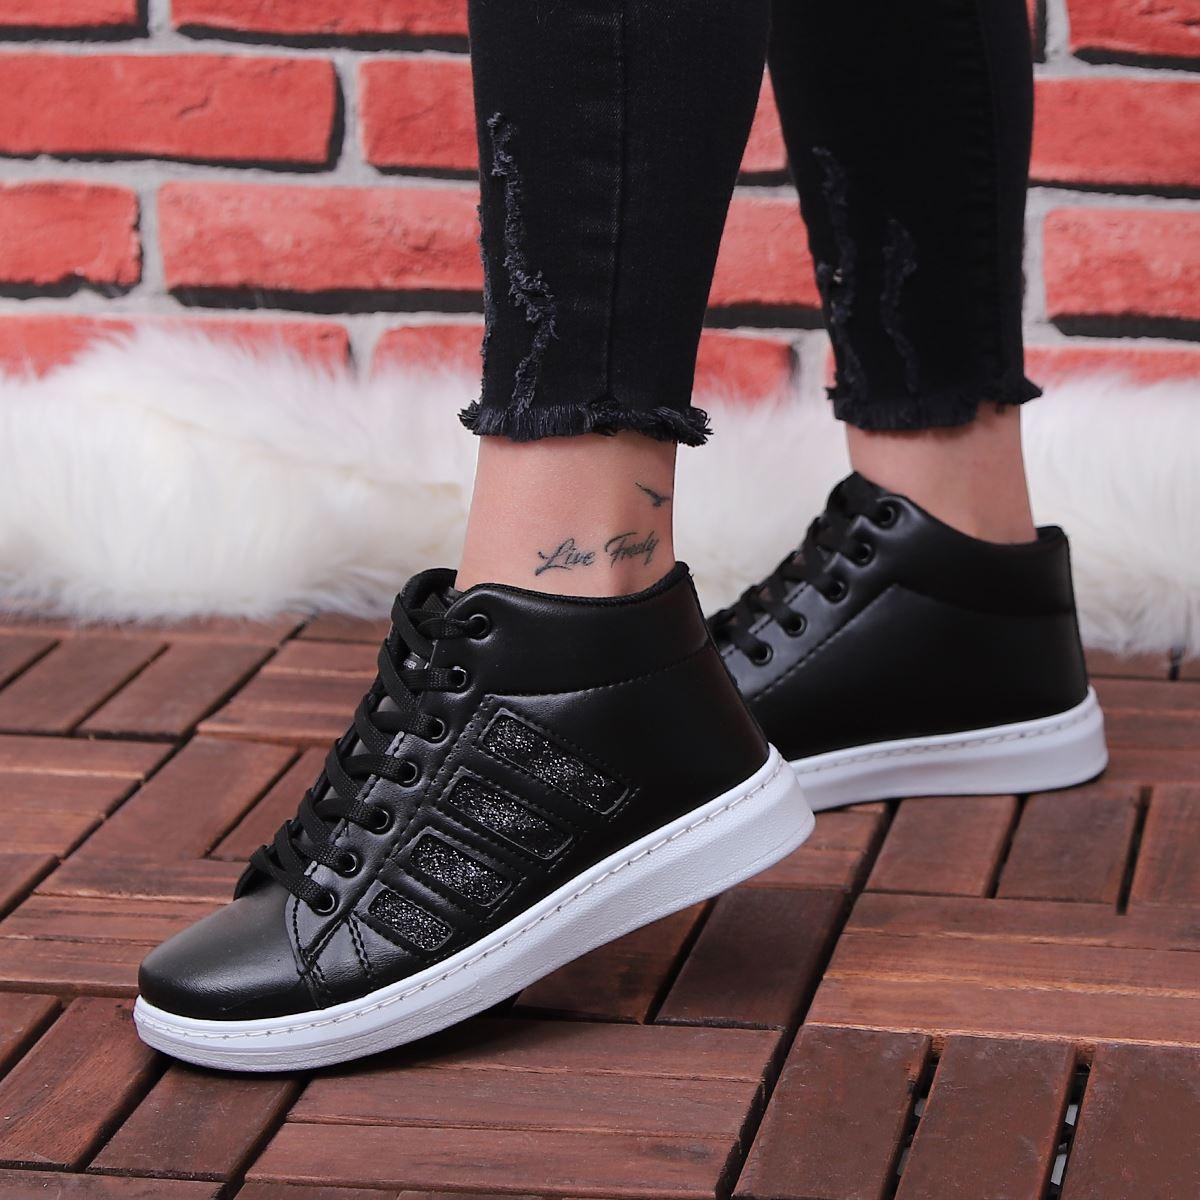 Siyah Tabanı Beyaz Şeritli Spor Ayakkabı AYK155